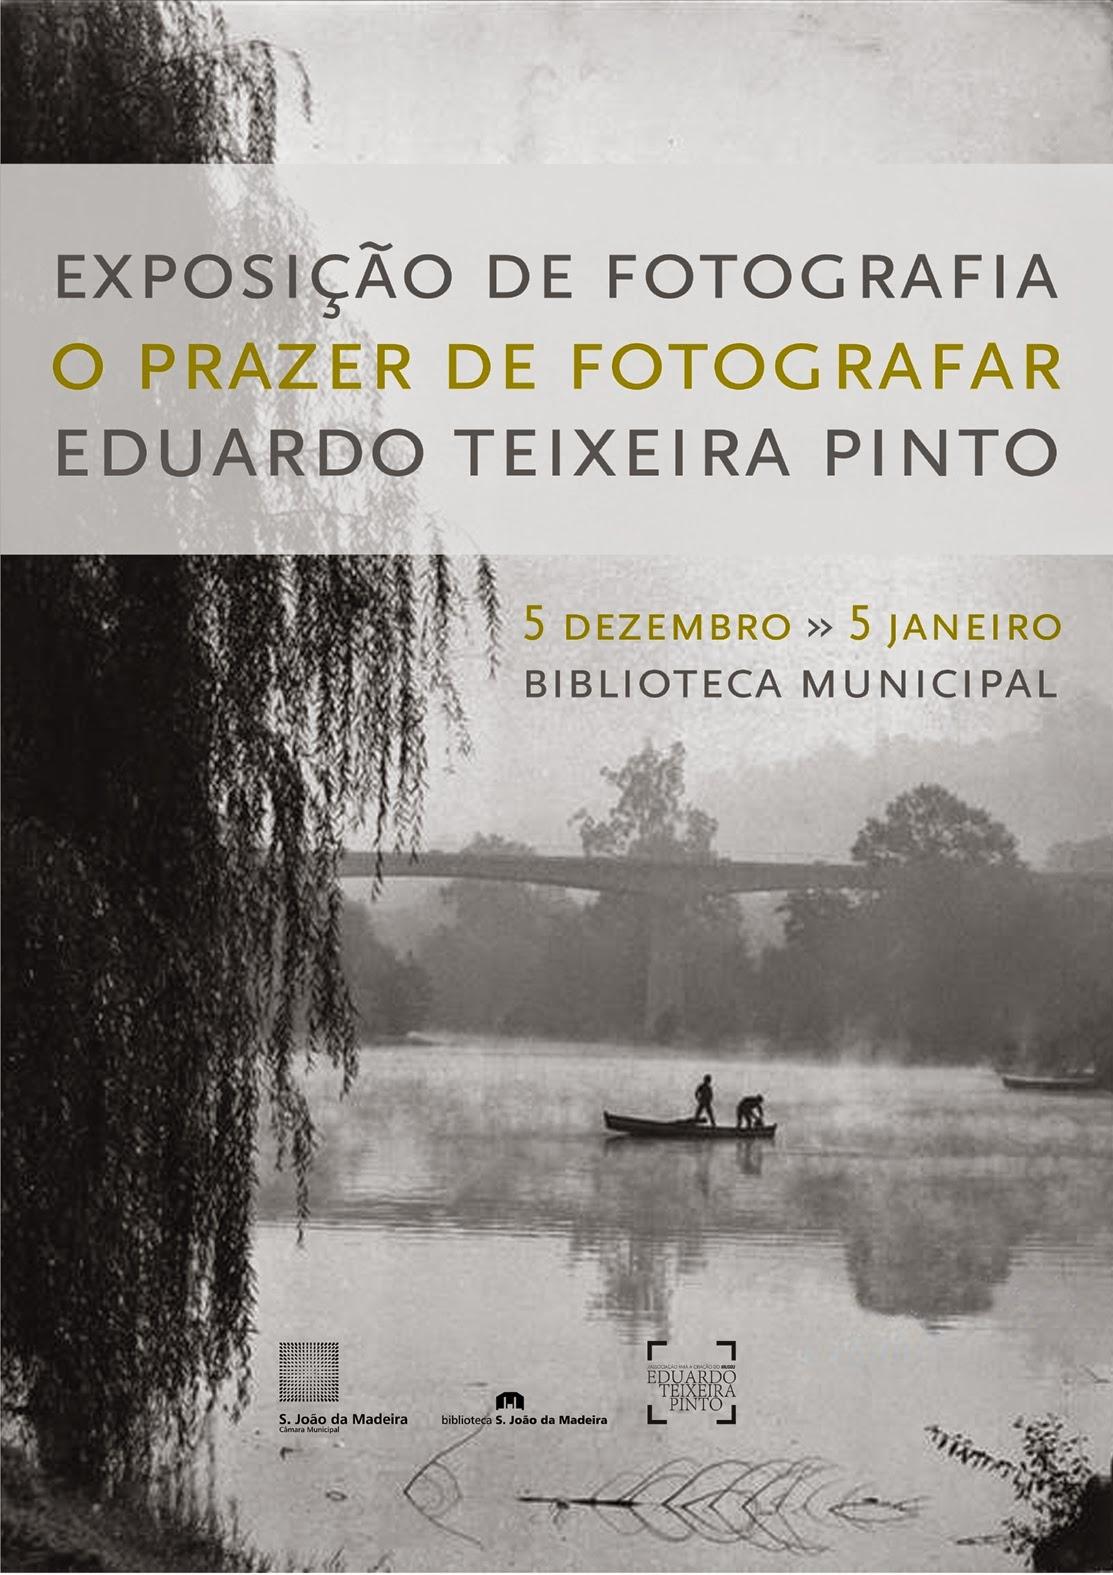 """Exposição """"O Prazer de Fotografar"""" de Eduardo Teixeira Pinto"""